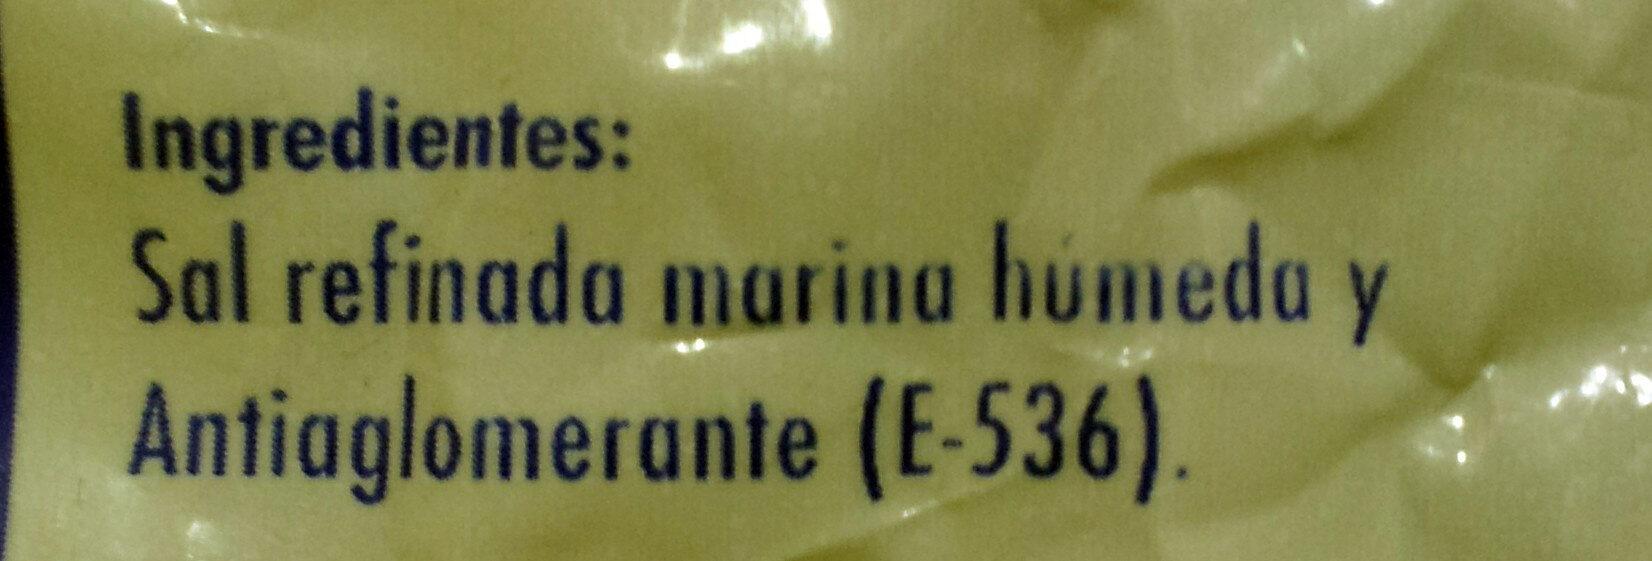 Sal para hornear gruesa - Ingredientes - es